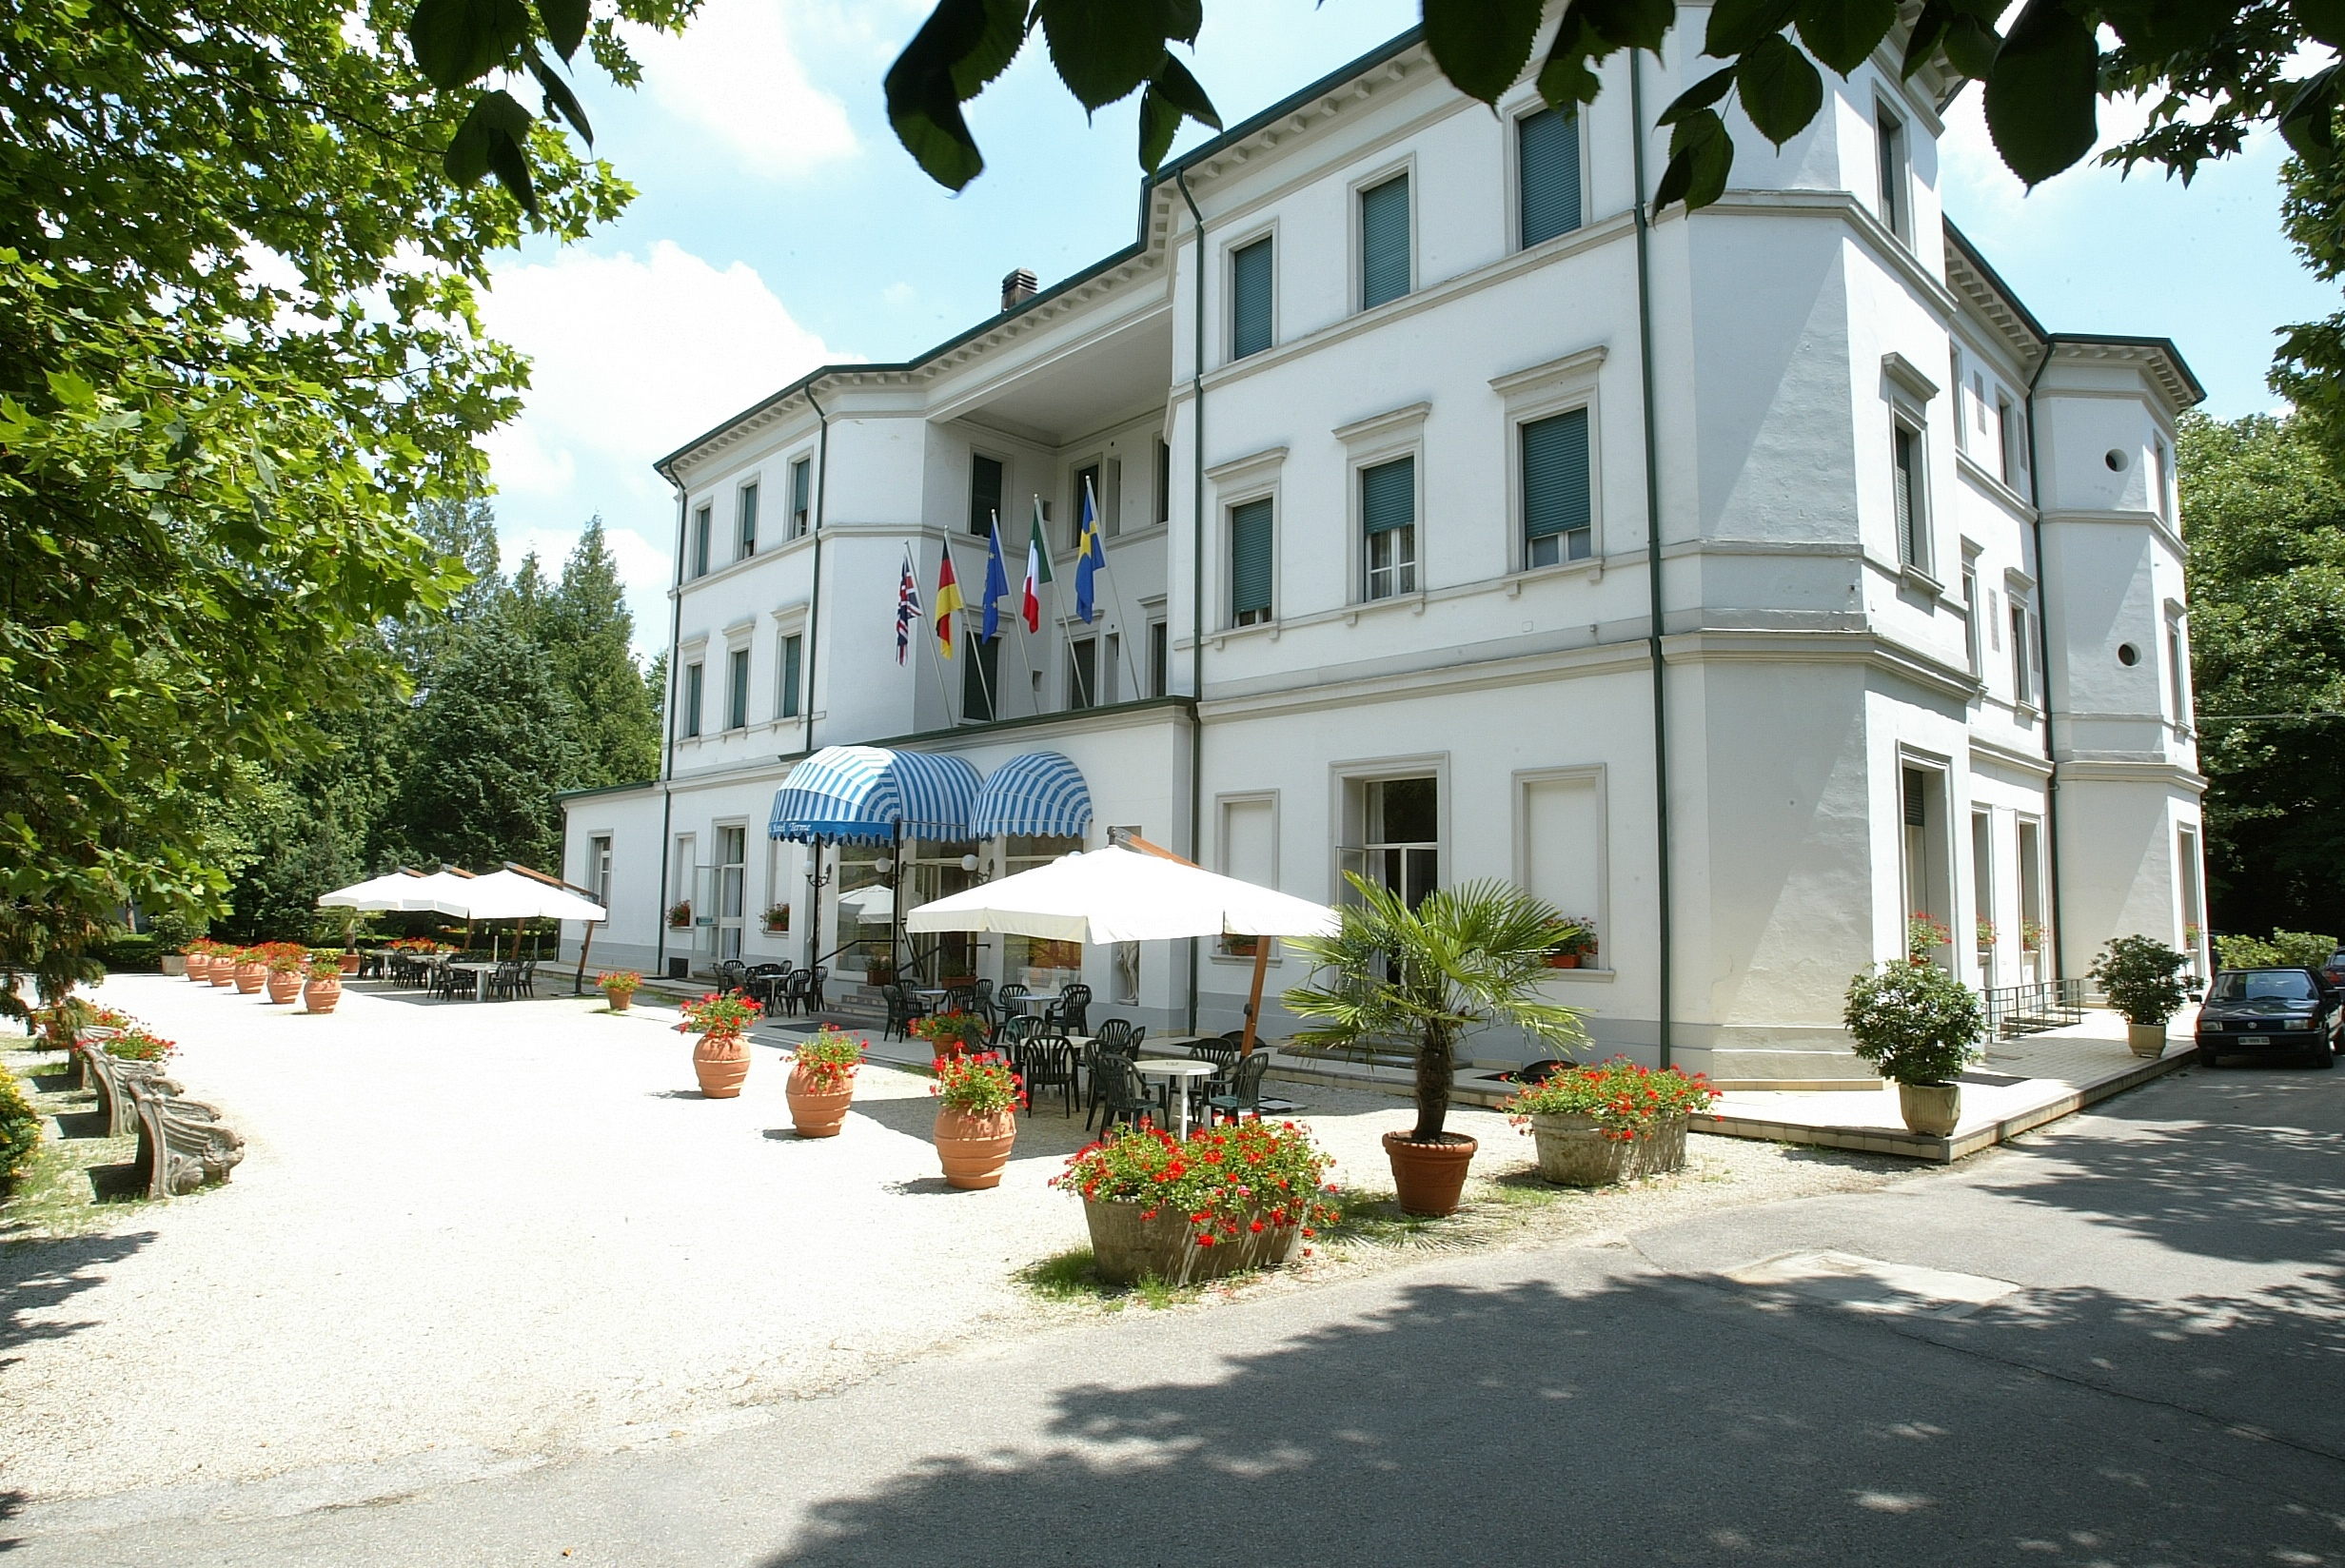 Thb Hotel Senio In Riolo Terme